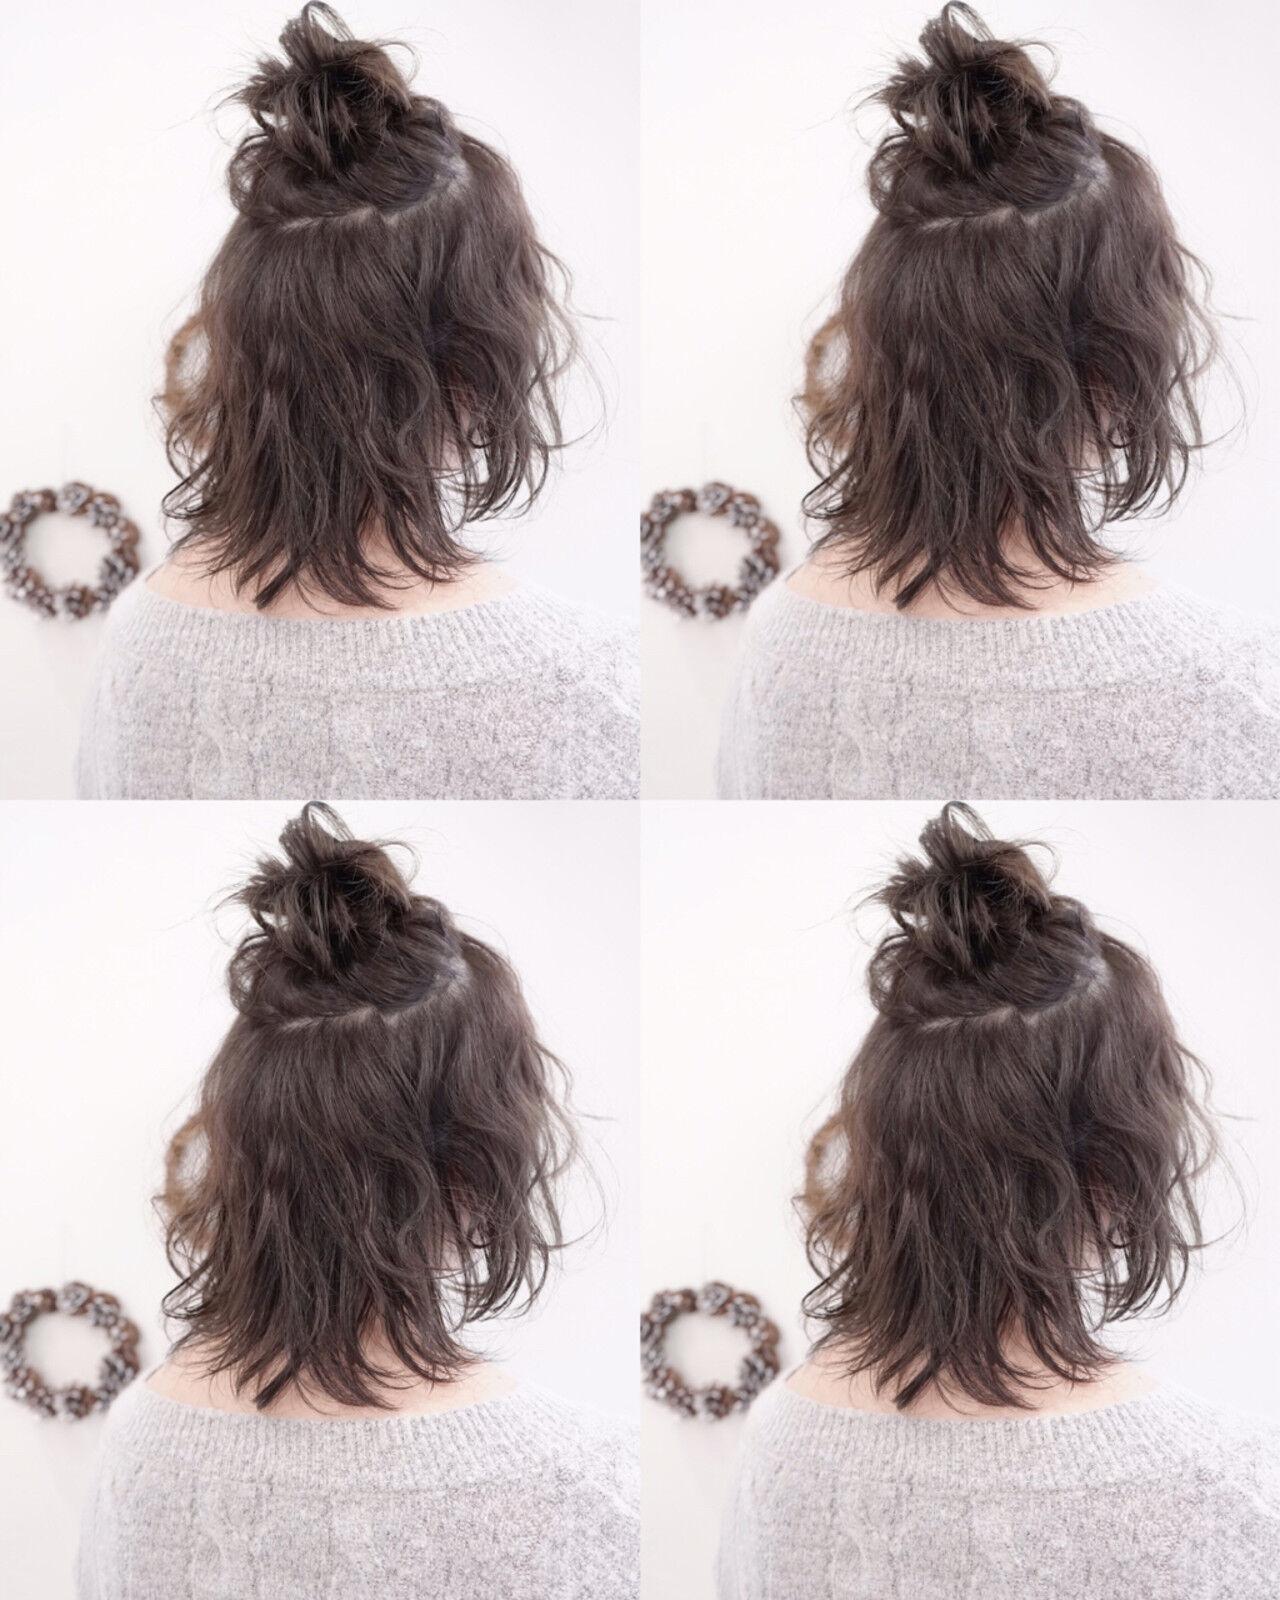 ハーフアップ ショート 暗髪 簡単ヘアアレンジヘアスタイルや髪型の写真・画像